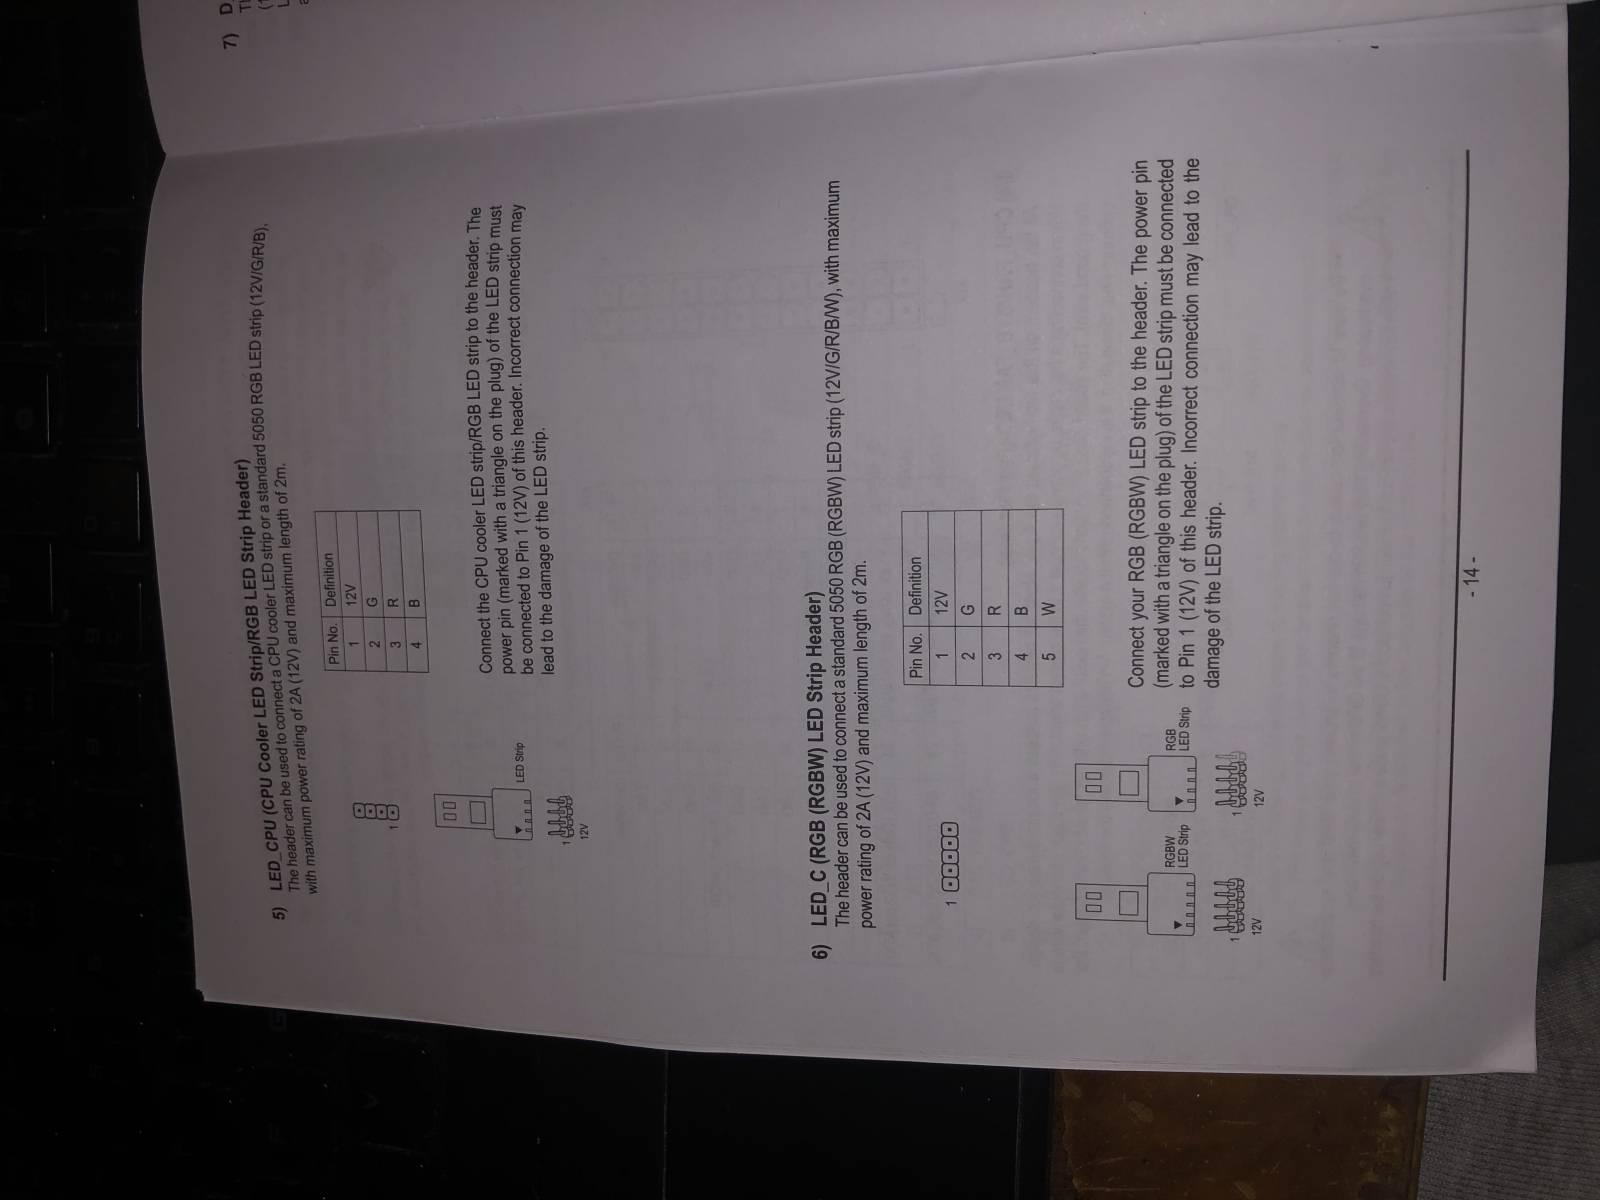 70EB6411-5DF6-4A16-A84E-BFC920056860.jpeg